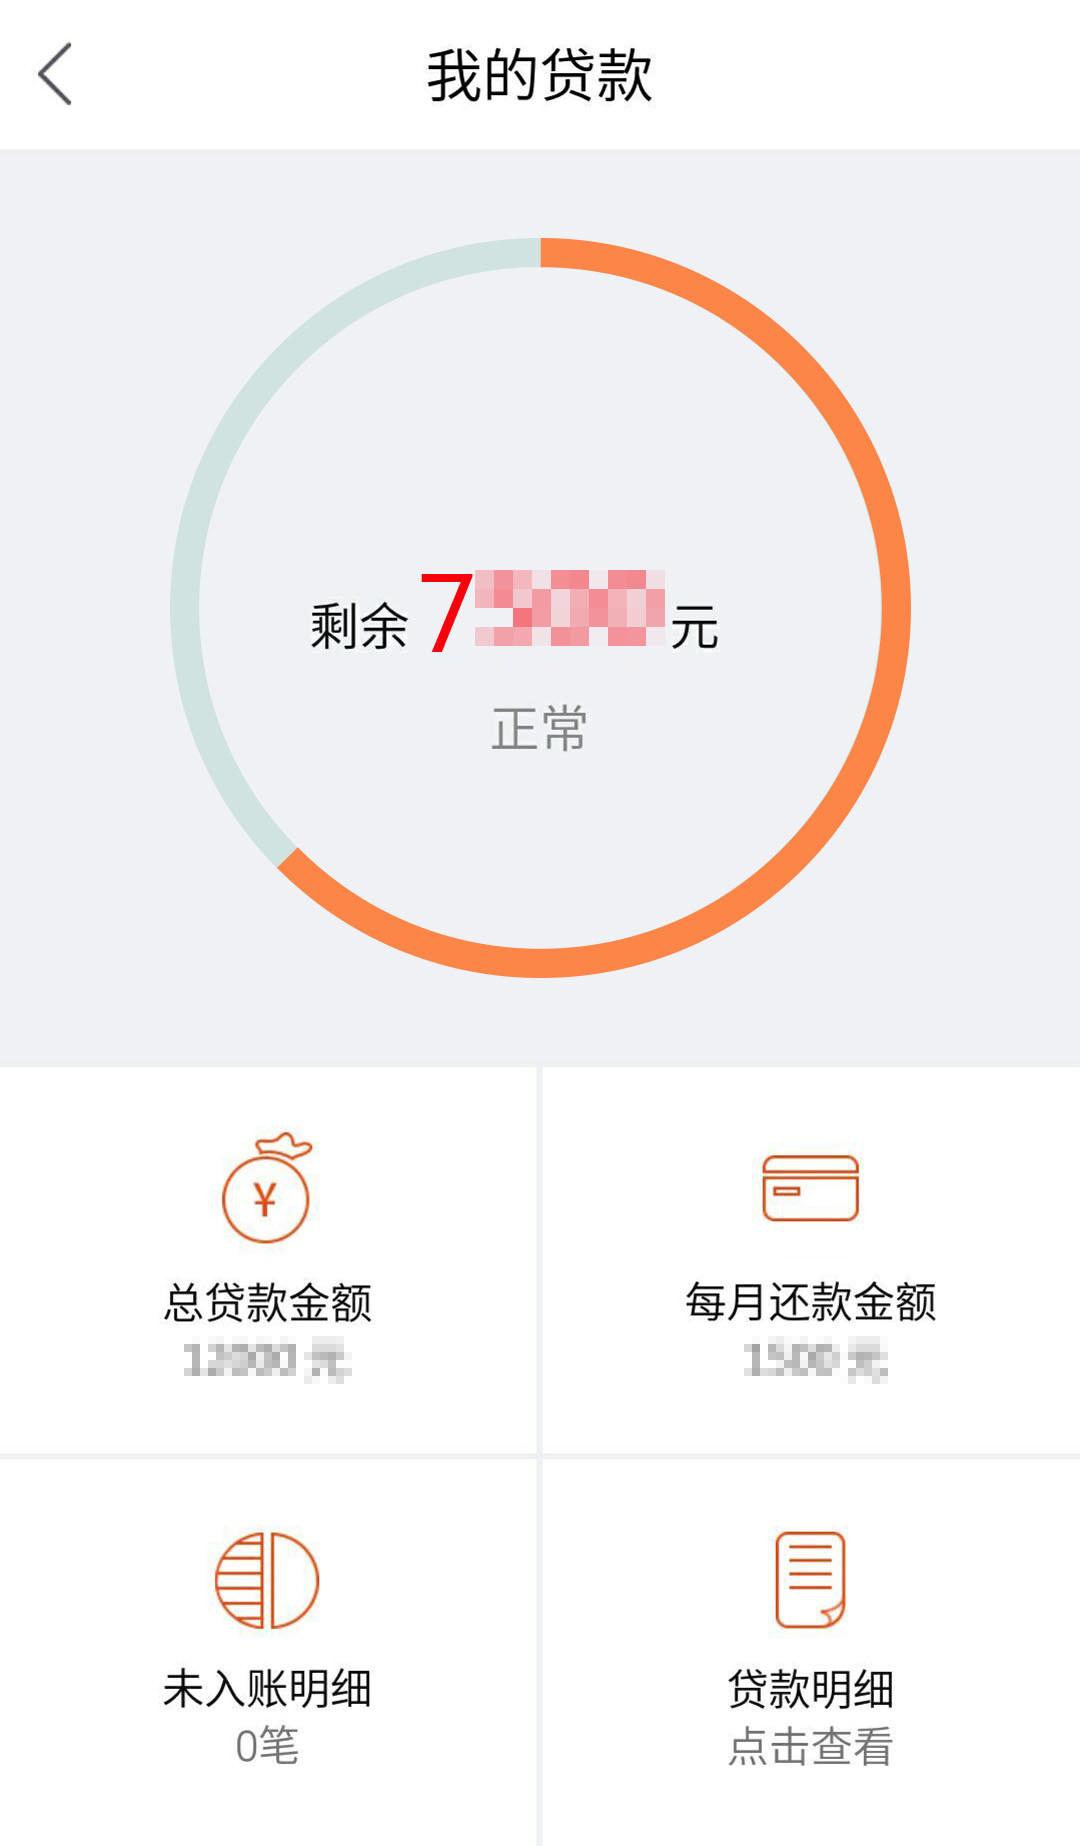 优亿金融手机版下载app图5: